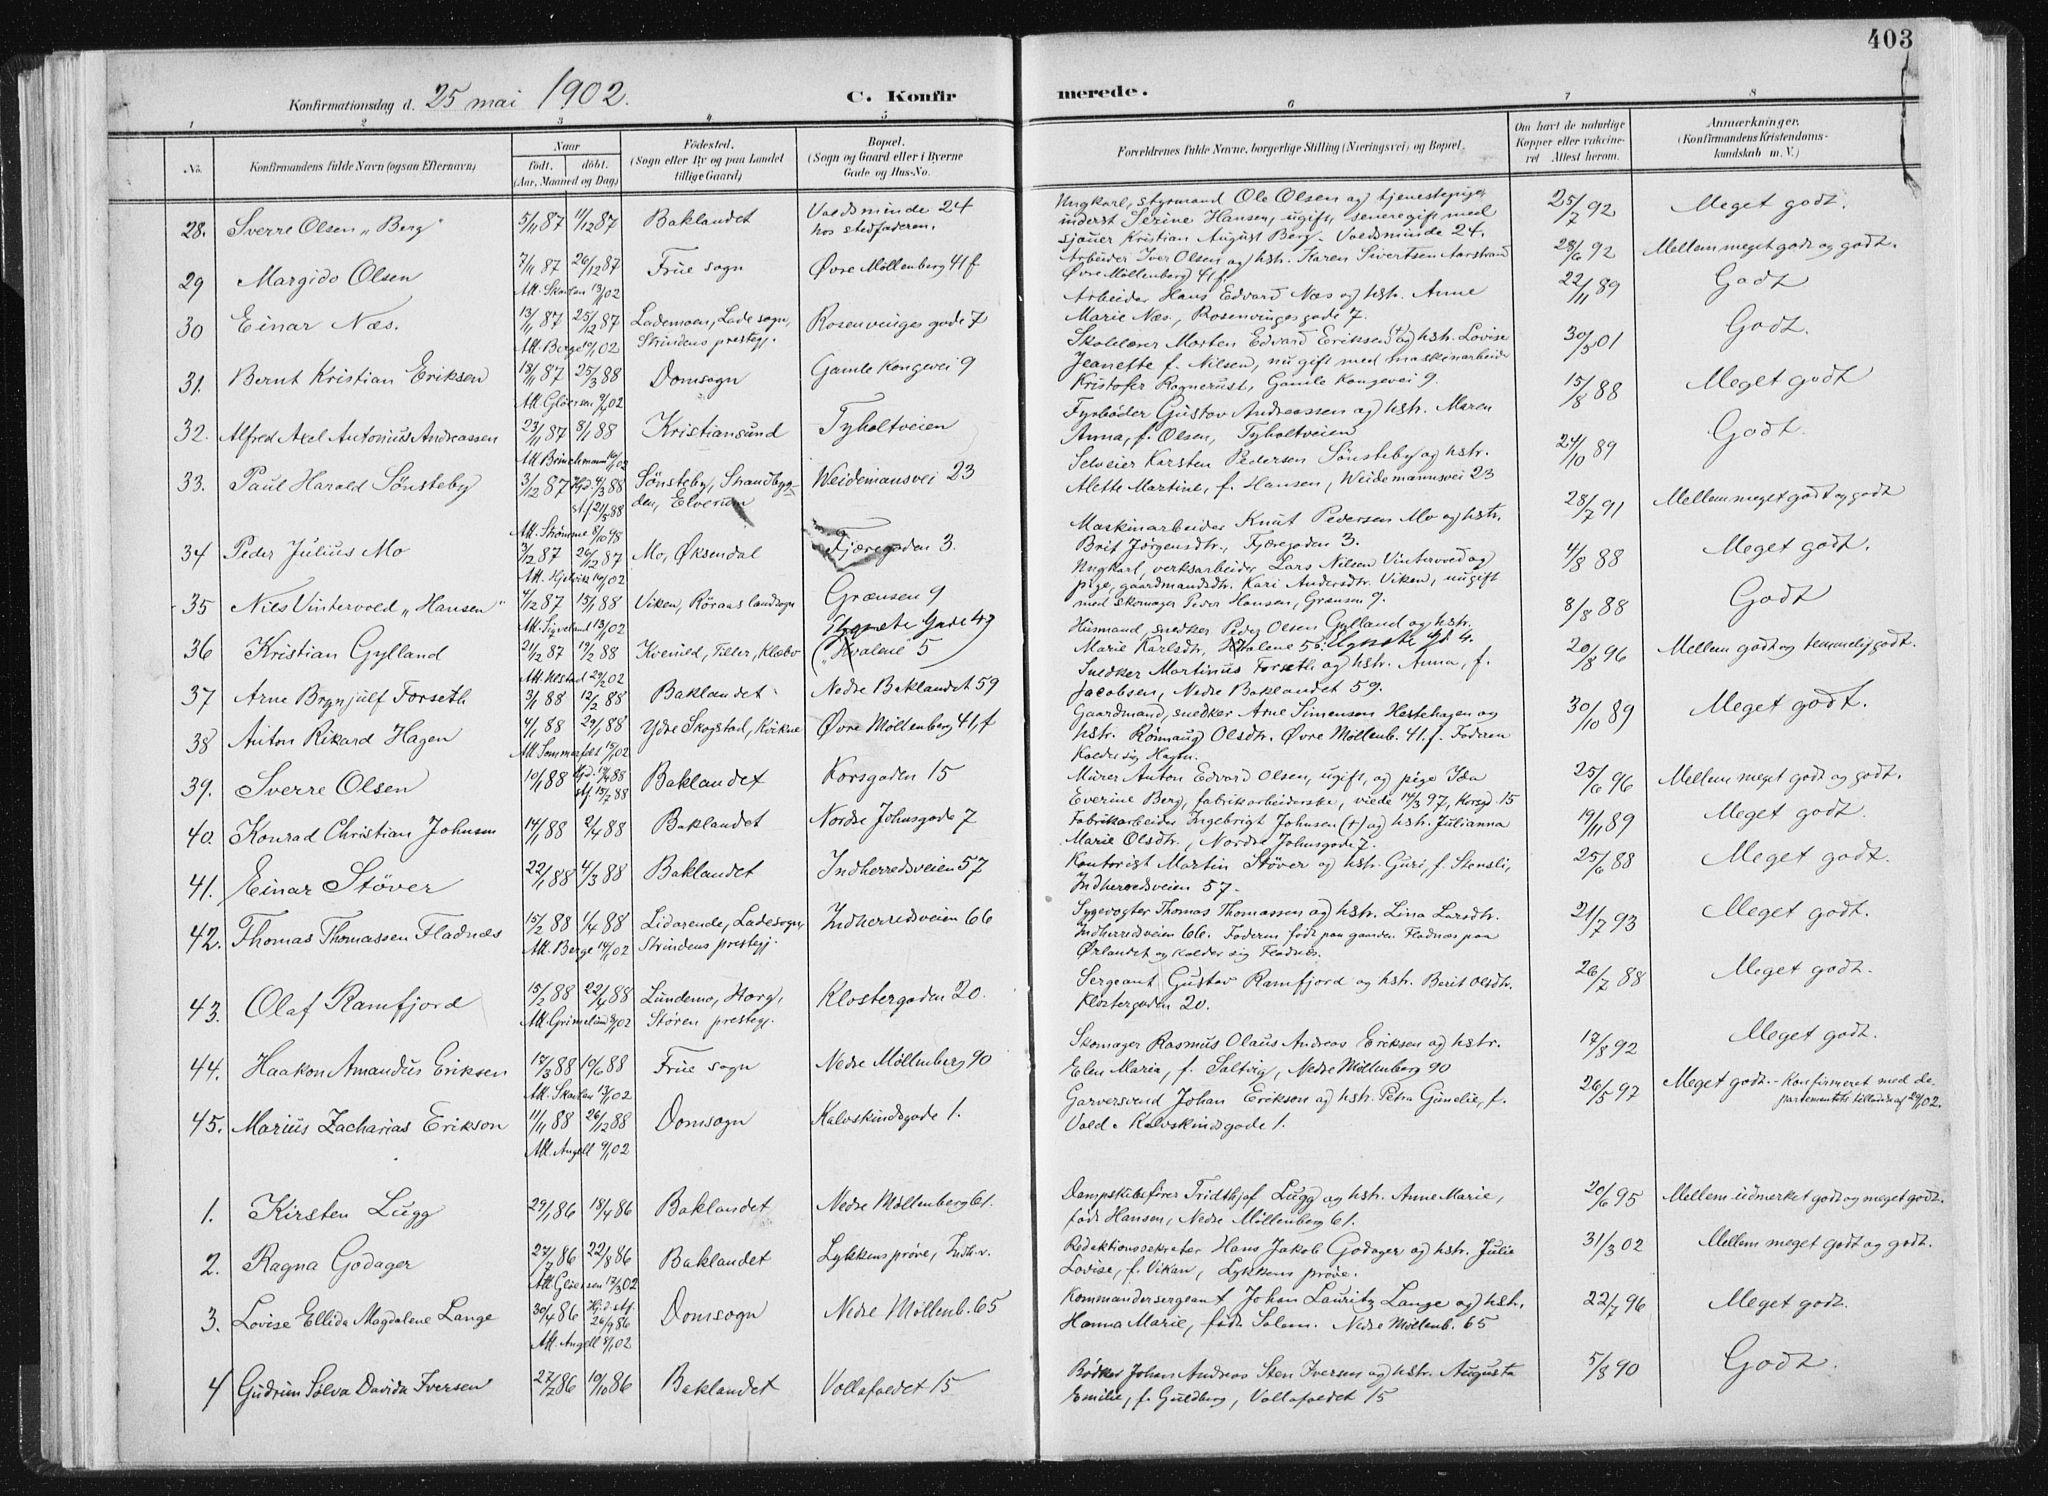 SAT, Ministerialprotokoller, klokkerbøker og fødselsregistre - Sør-Trøndelag, 604/L0200: Ministerialbok nr. 604A20II, 1901-1908, s. 403